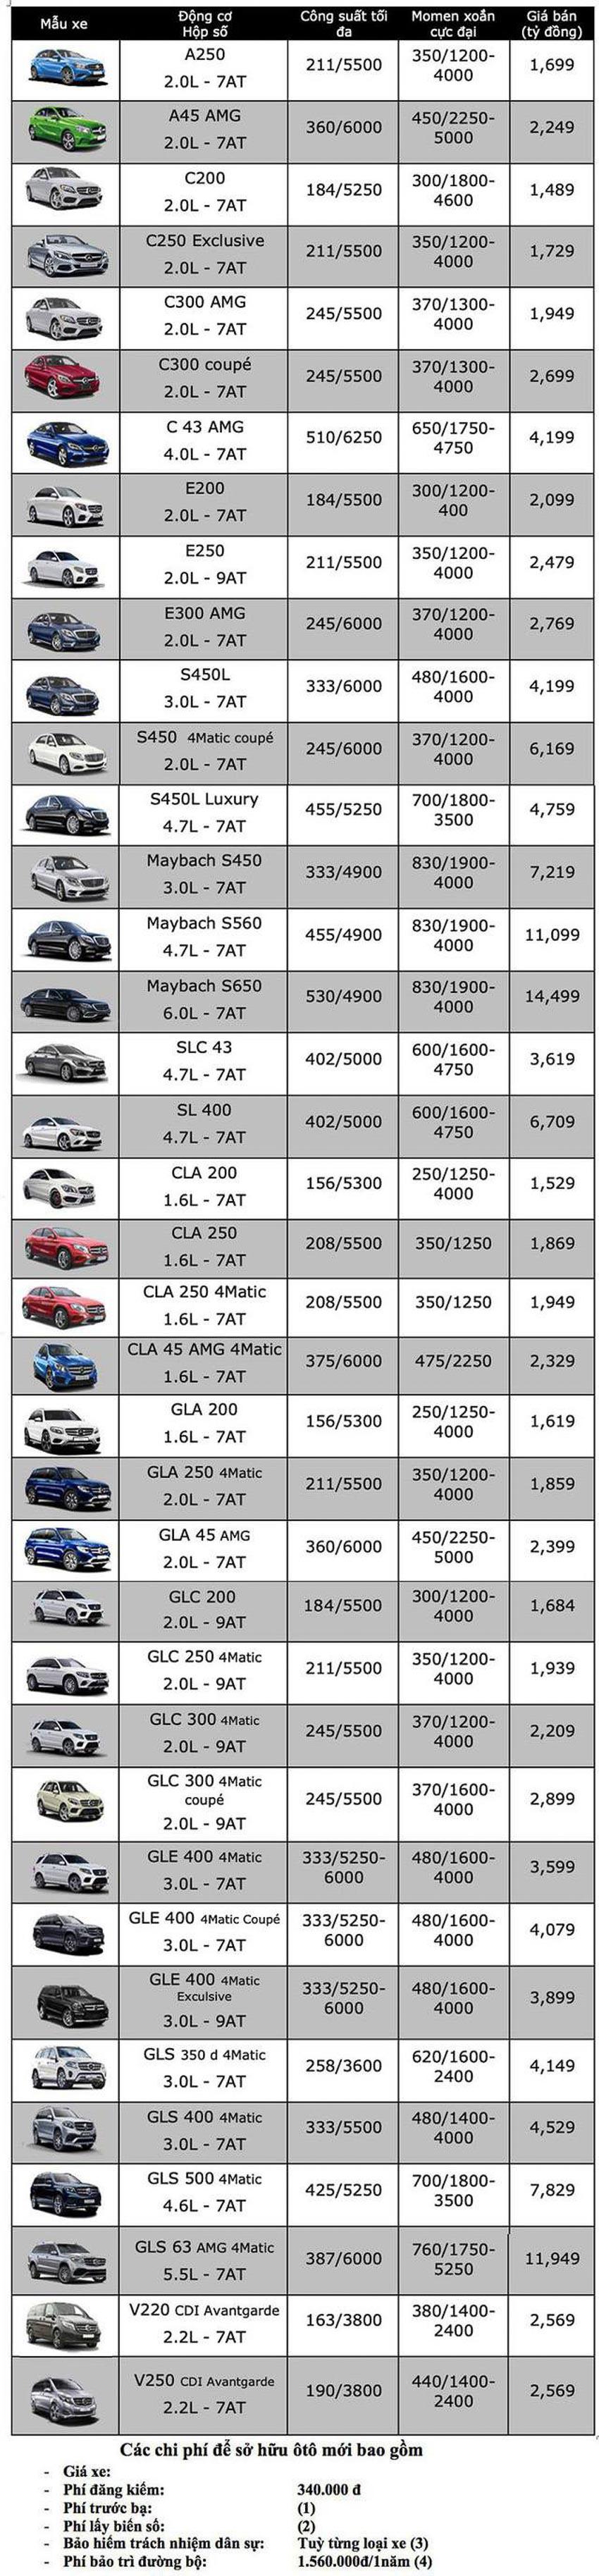 Bảng giá xe Mercedes-Benz tại Việt Nam 1